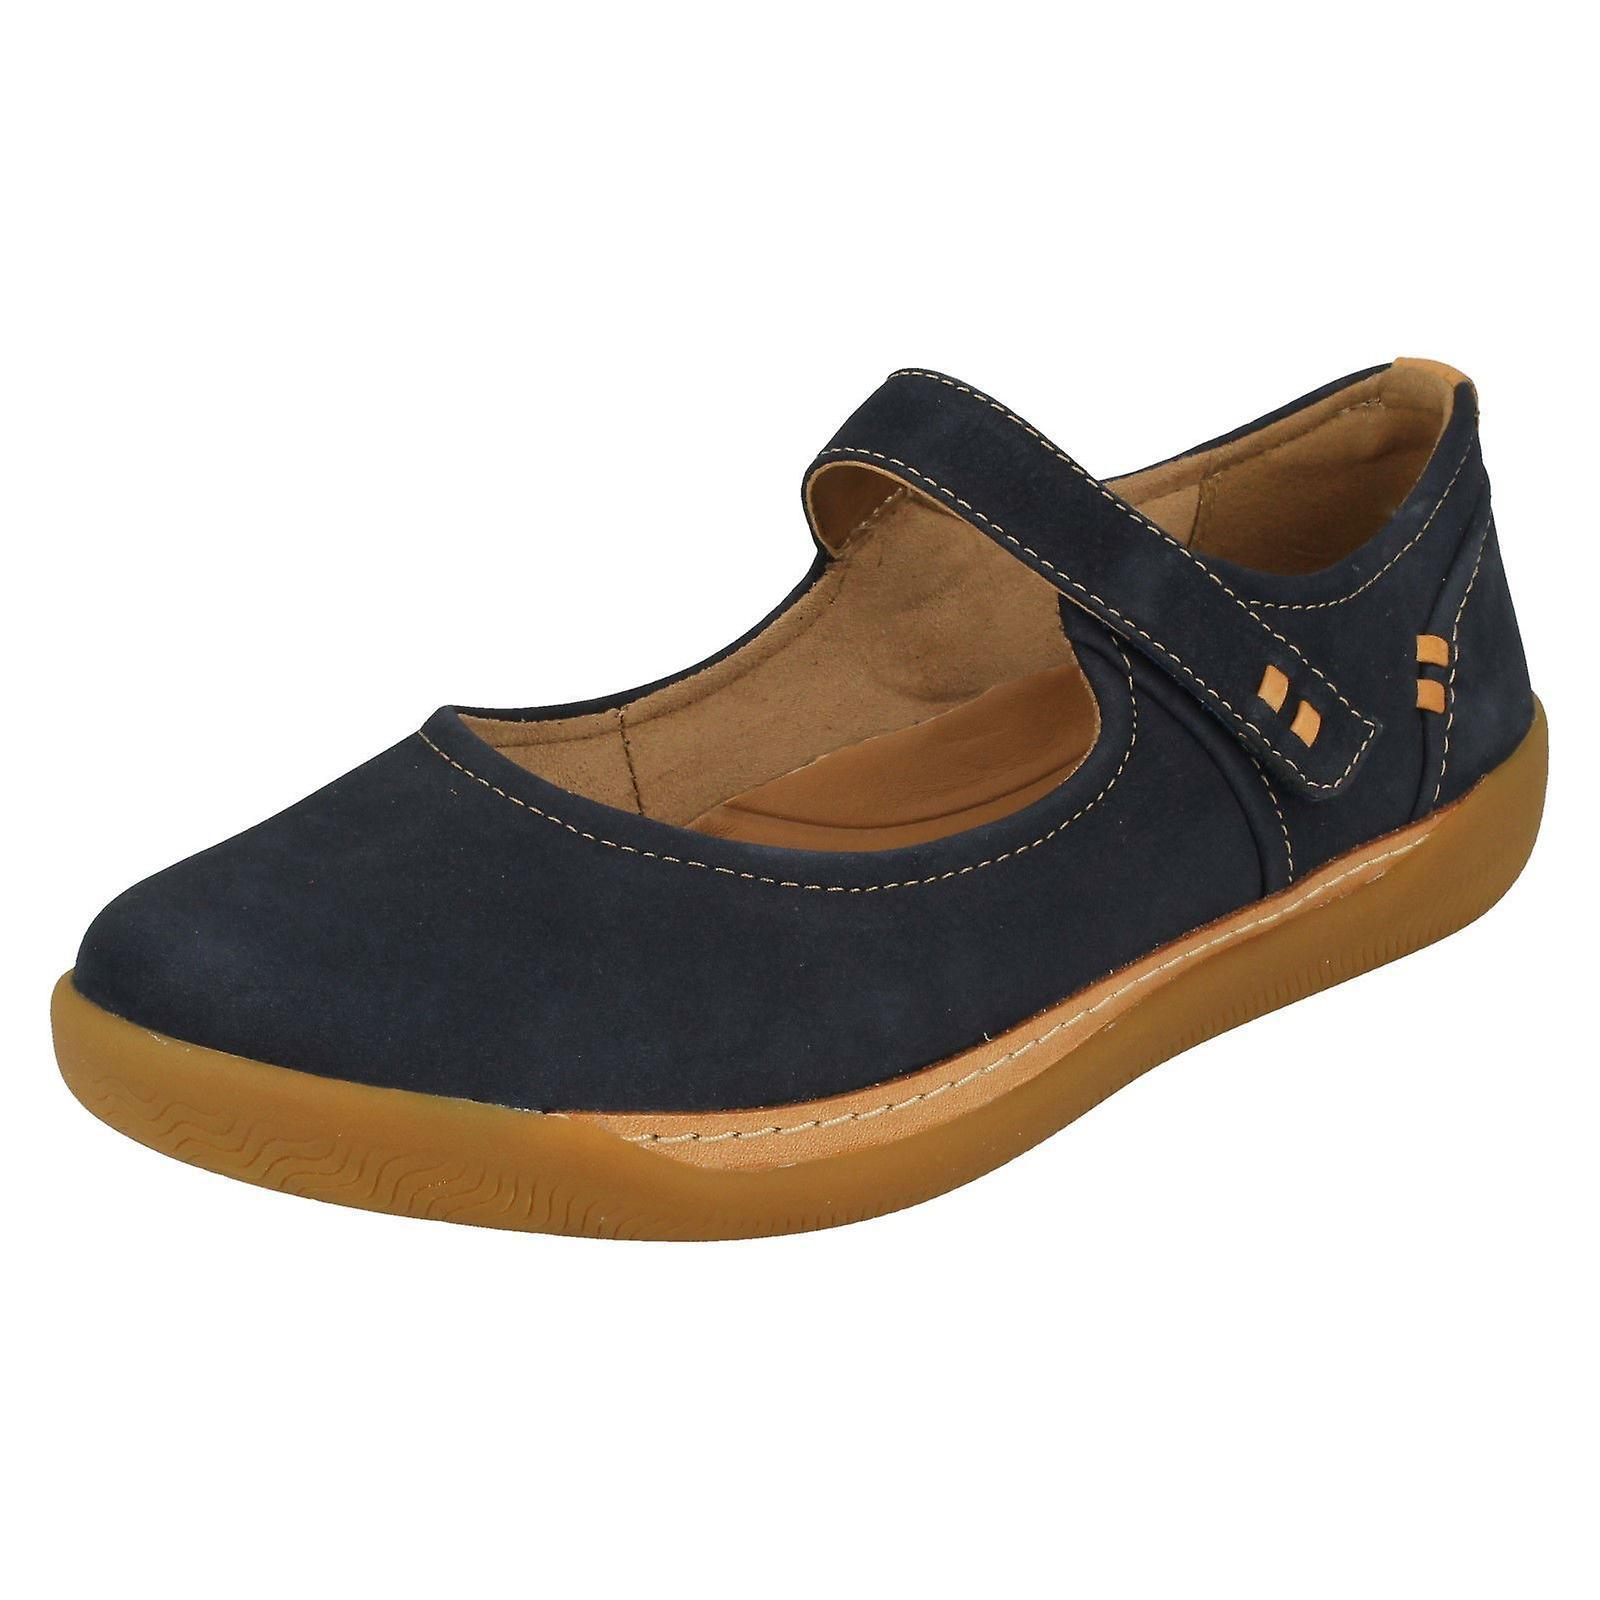 Clarks damskie płaskie buty Un Haven pasek eKe6p